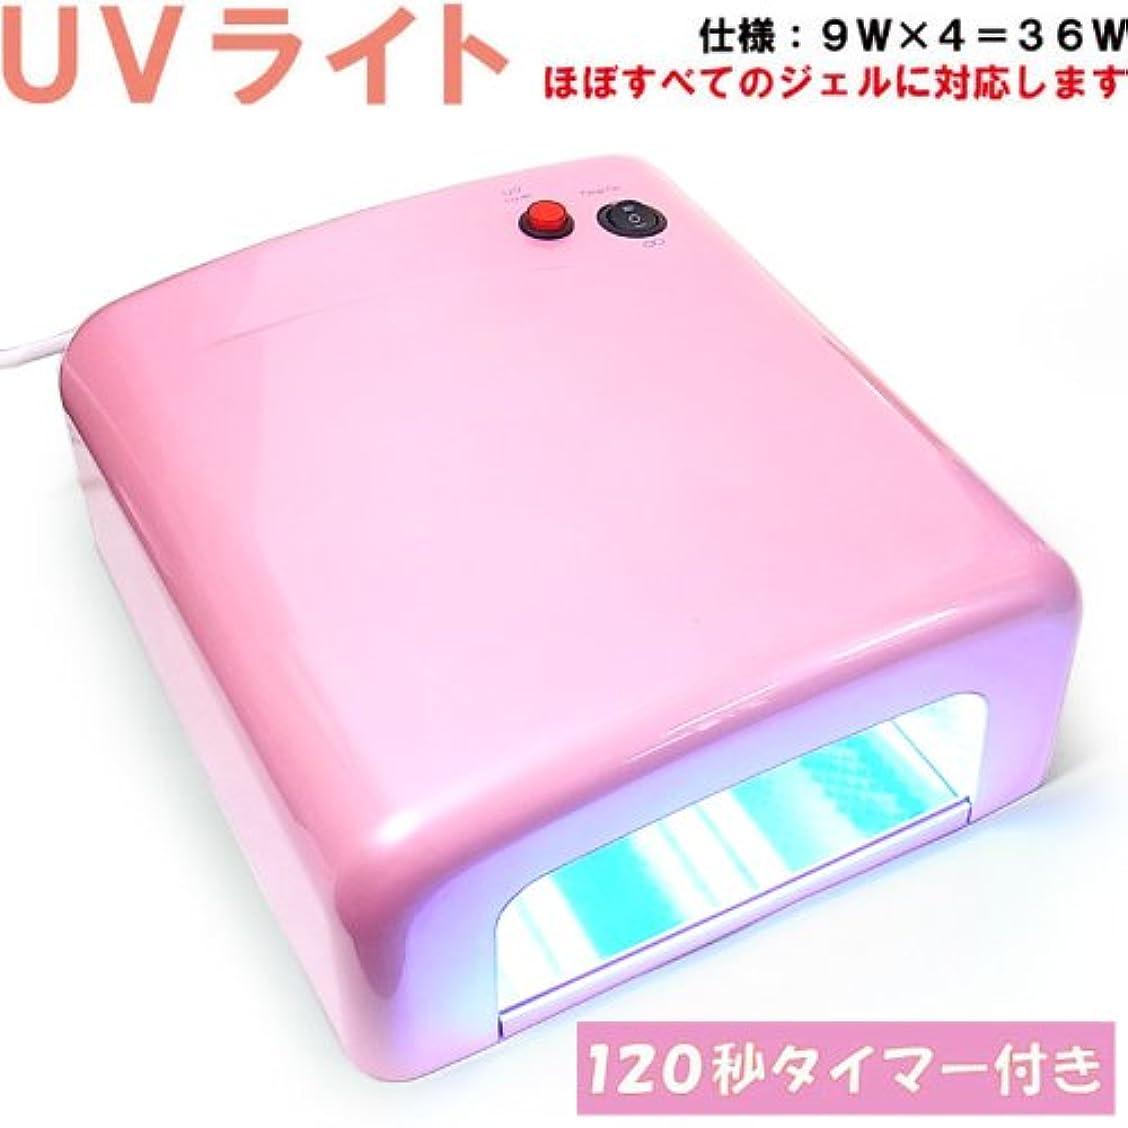 生き残りランタンフラフープジェルネイル用UVライト36W(電球9W×4本付き)UVランプ【ピンク】